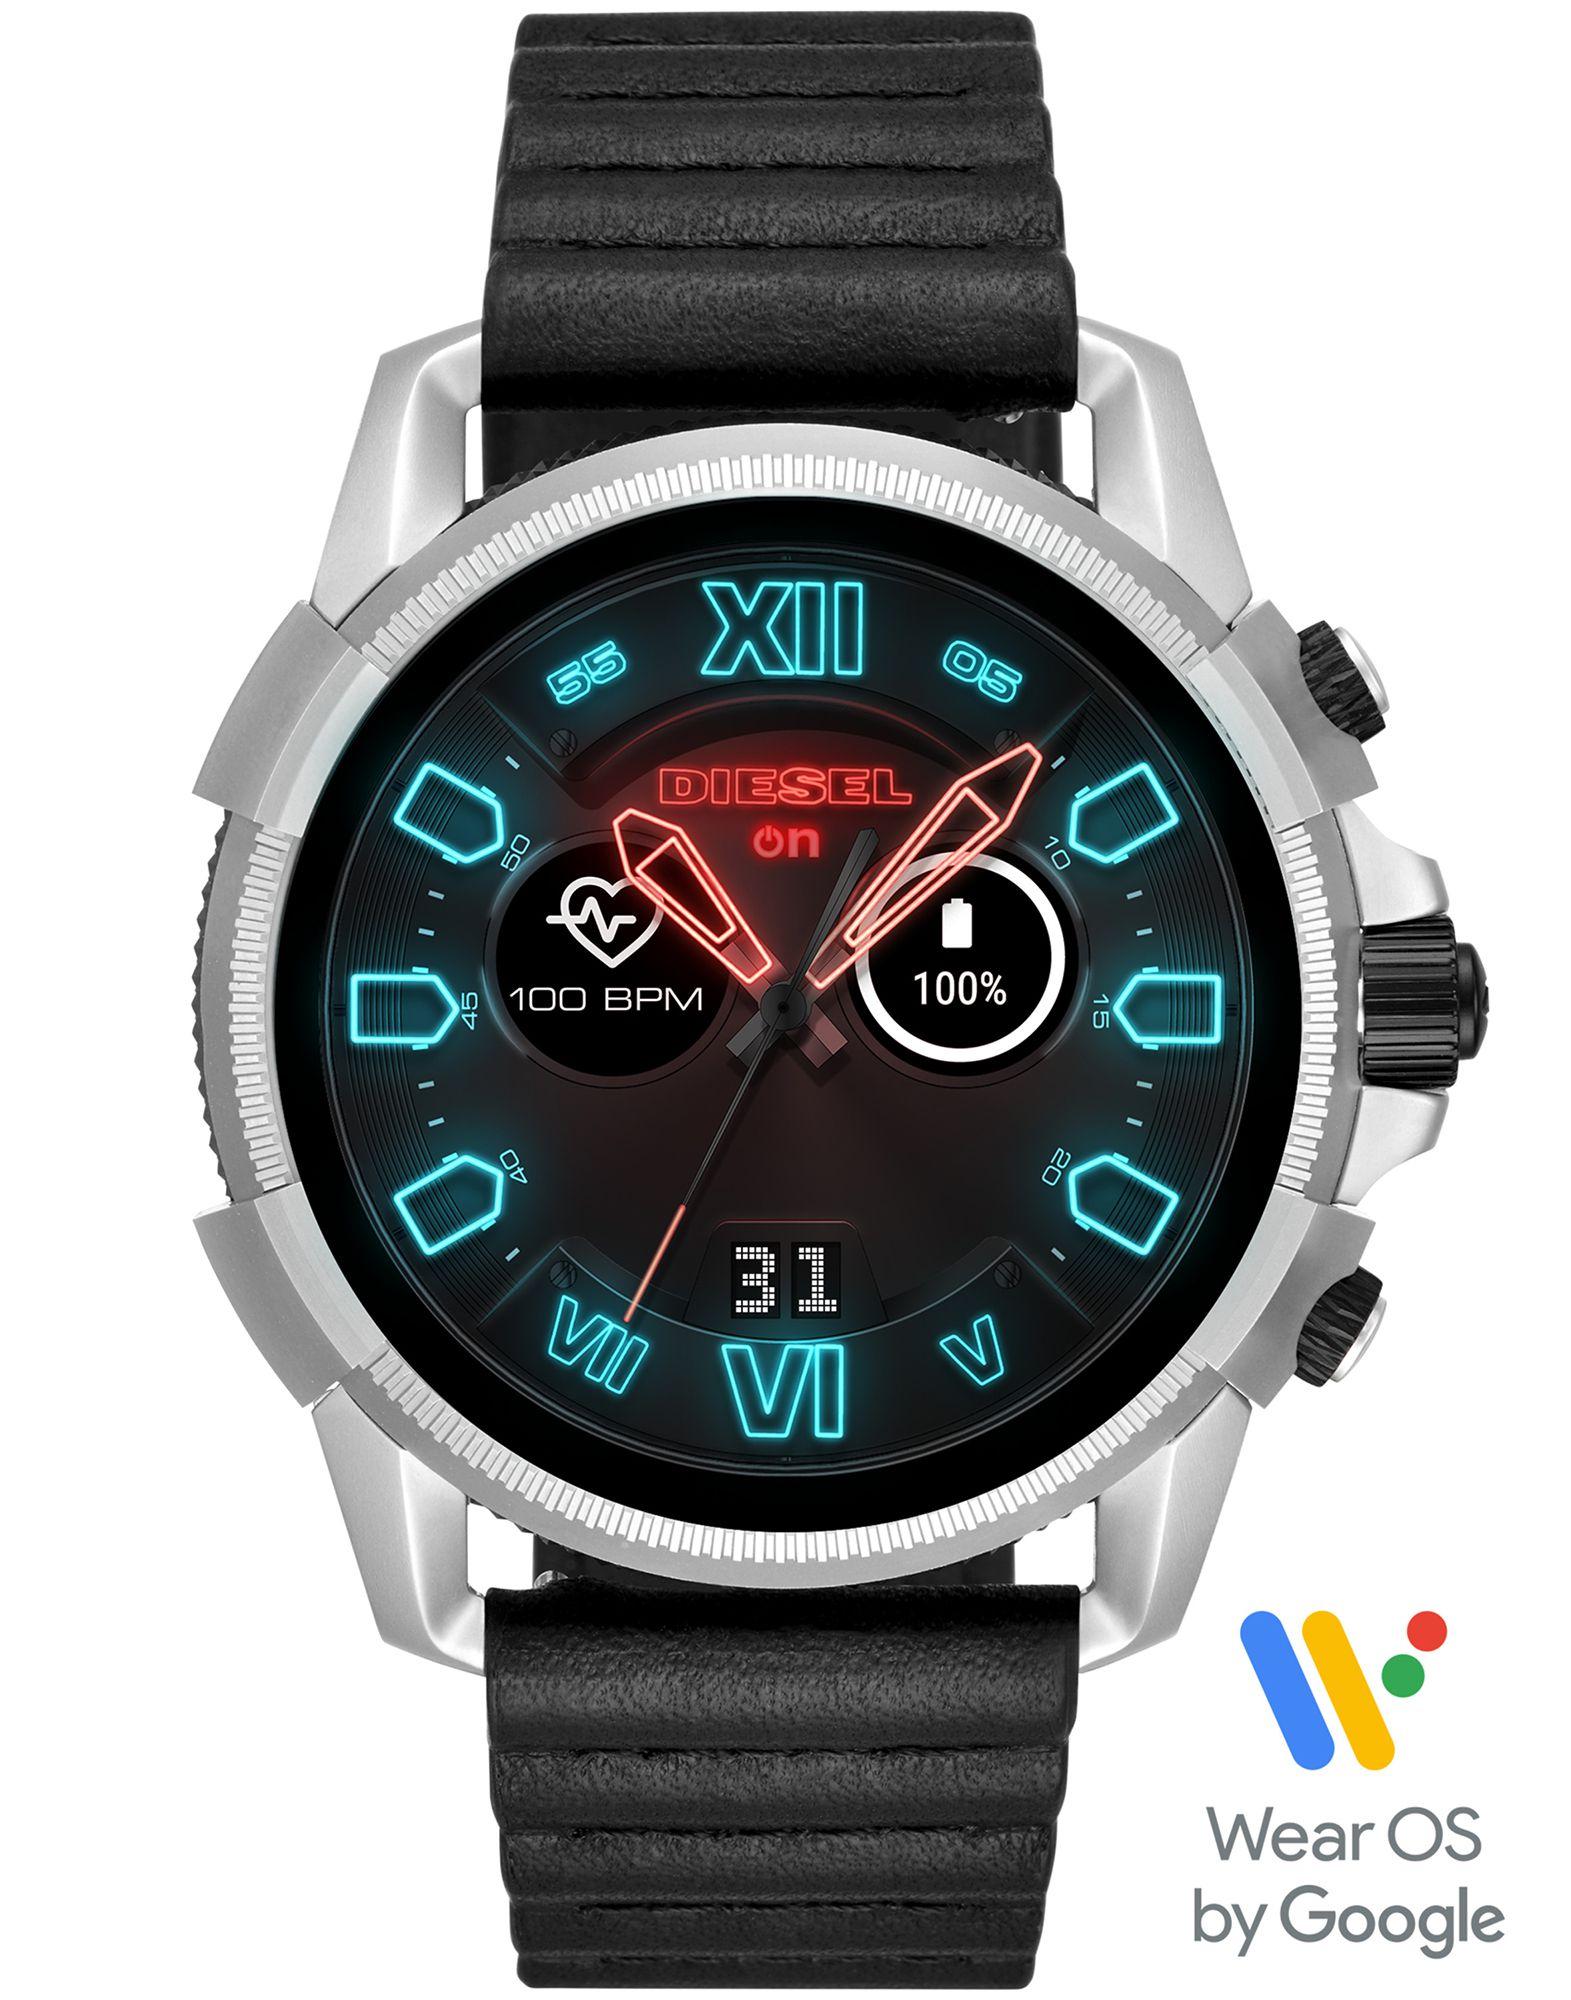 DIESEL Умные часы умные часы zdk s6 3989 голубой